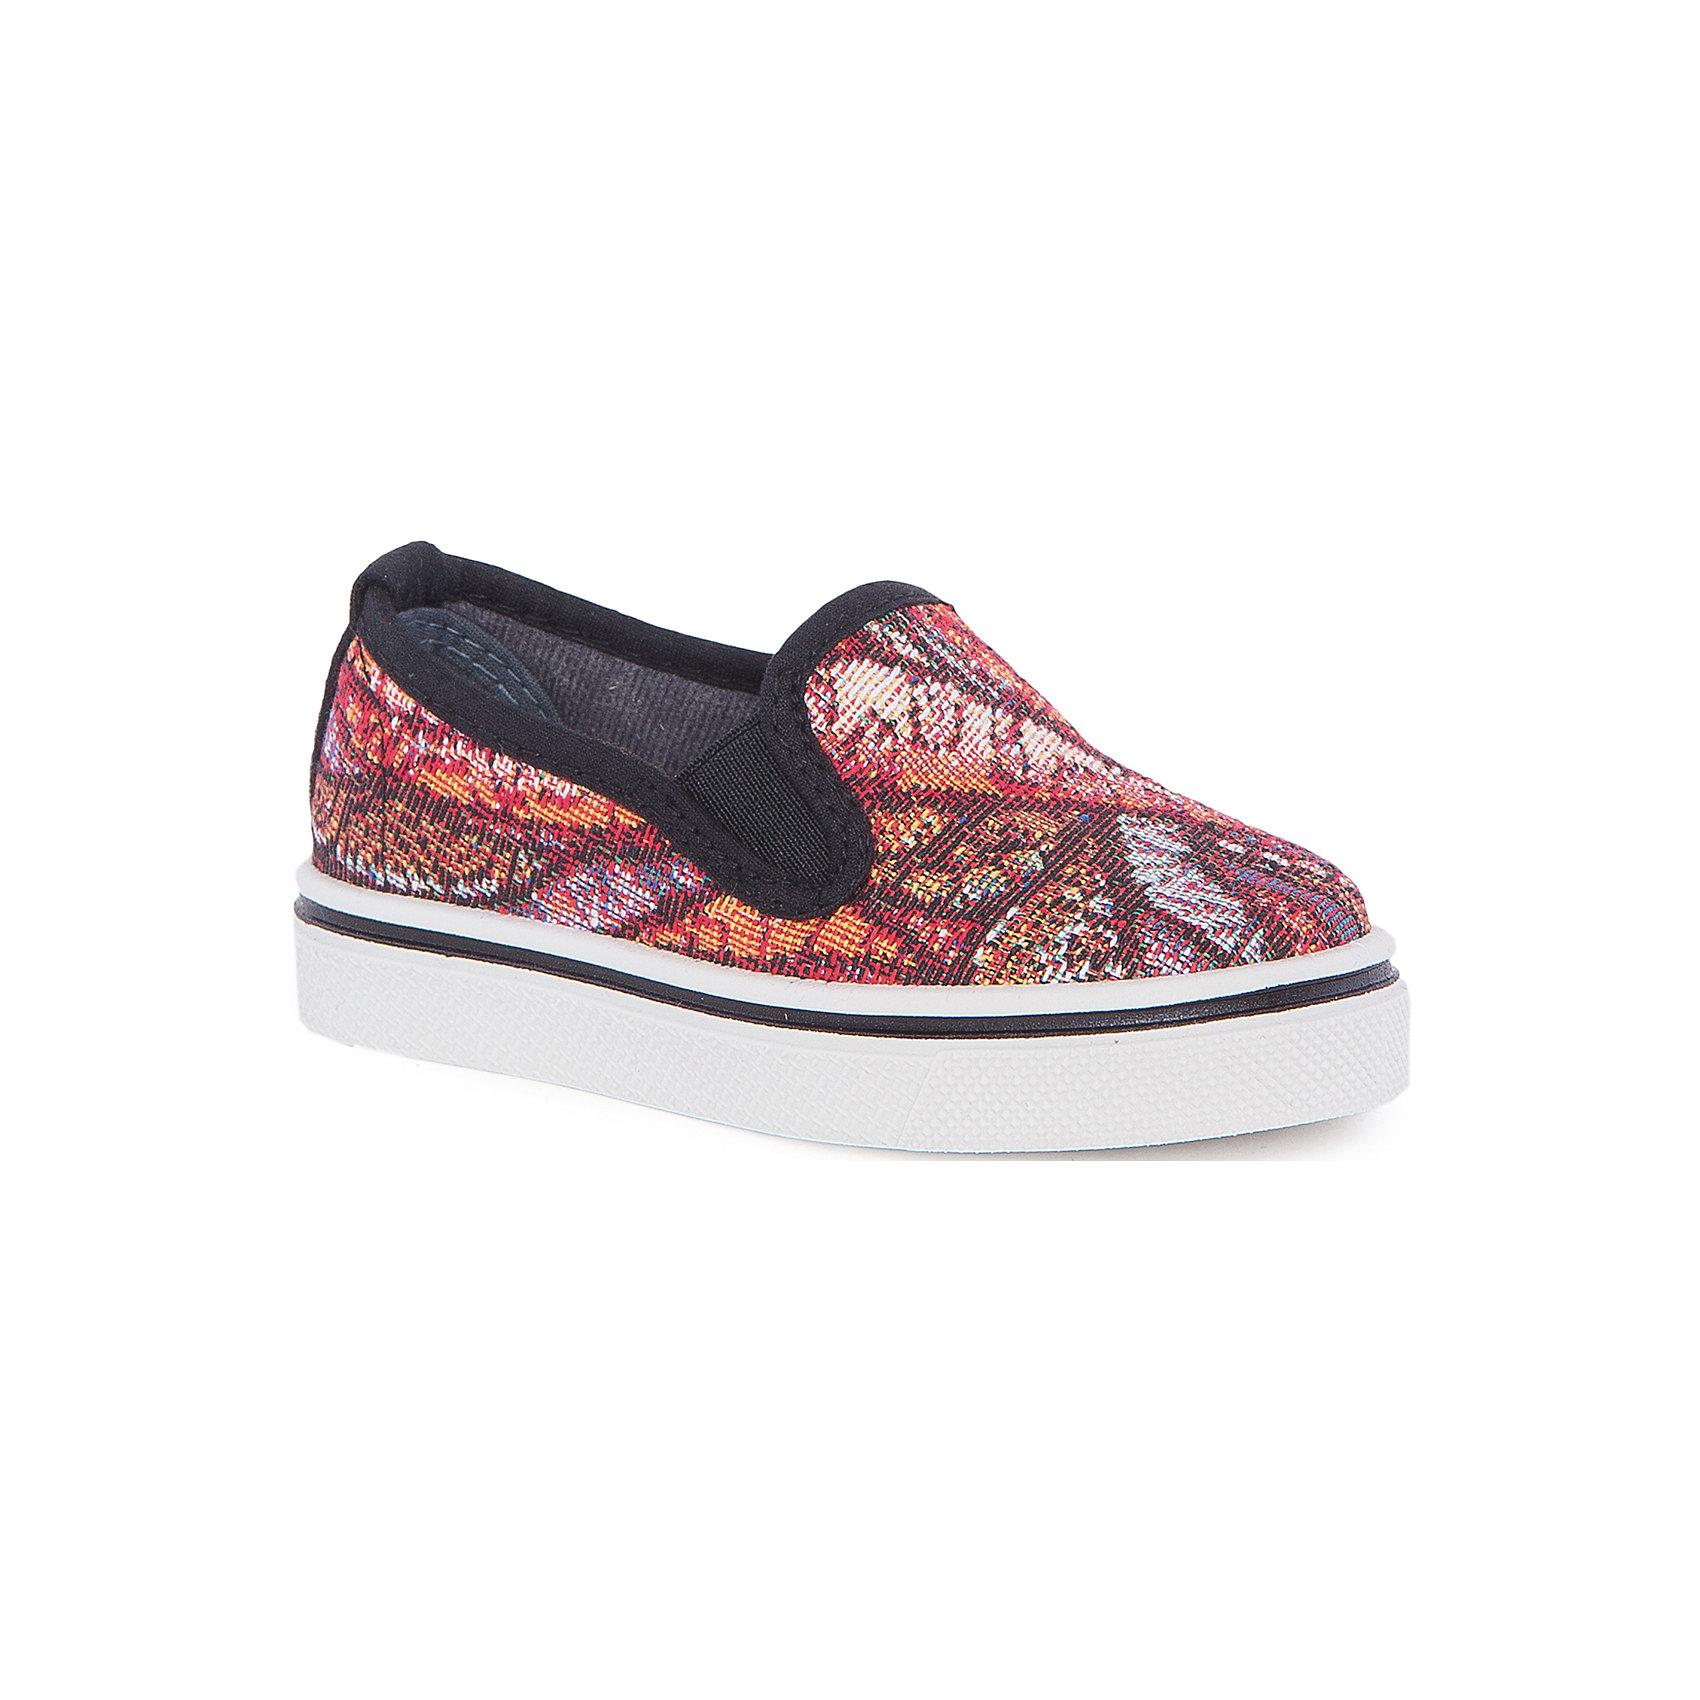 Слипоны для девочки  CHICCOСлипоны<br>Слипоны для девочки CHICCO<br><br>Характеристики:<br><br>Тип застежки: без застежки<br>Тип обуви: спортивные<br>Особенности обуви: мягкие мокасины на резиновой подошве<br><br>Декоративные элементы: боковые резинки<br>Цвет: черный<br><br>Материал: 100% текстиль<br><br>Слипоны для девочки CHICCO можно купить в нашем интернет-магазине.<br><br>Ширина мм: 227<br>Глубина мм: 145<br>Высота мм: 124<br>Вес г: 325<br>Цвет: черный<br>Возраст от месяцев: 15<br>Возраст до месяцев: 18<br>Пол: Женский<br>Возраст: Детский<br>Размер: 22,34,33,32,31,30,29,28,27,26,25,24,23<br>SKU: 5082883